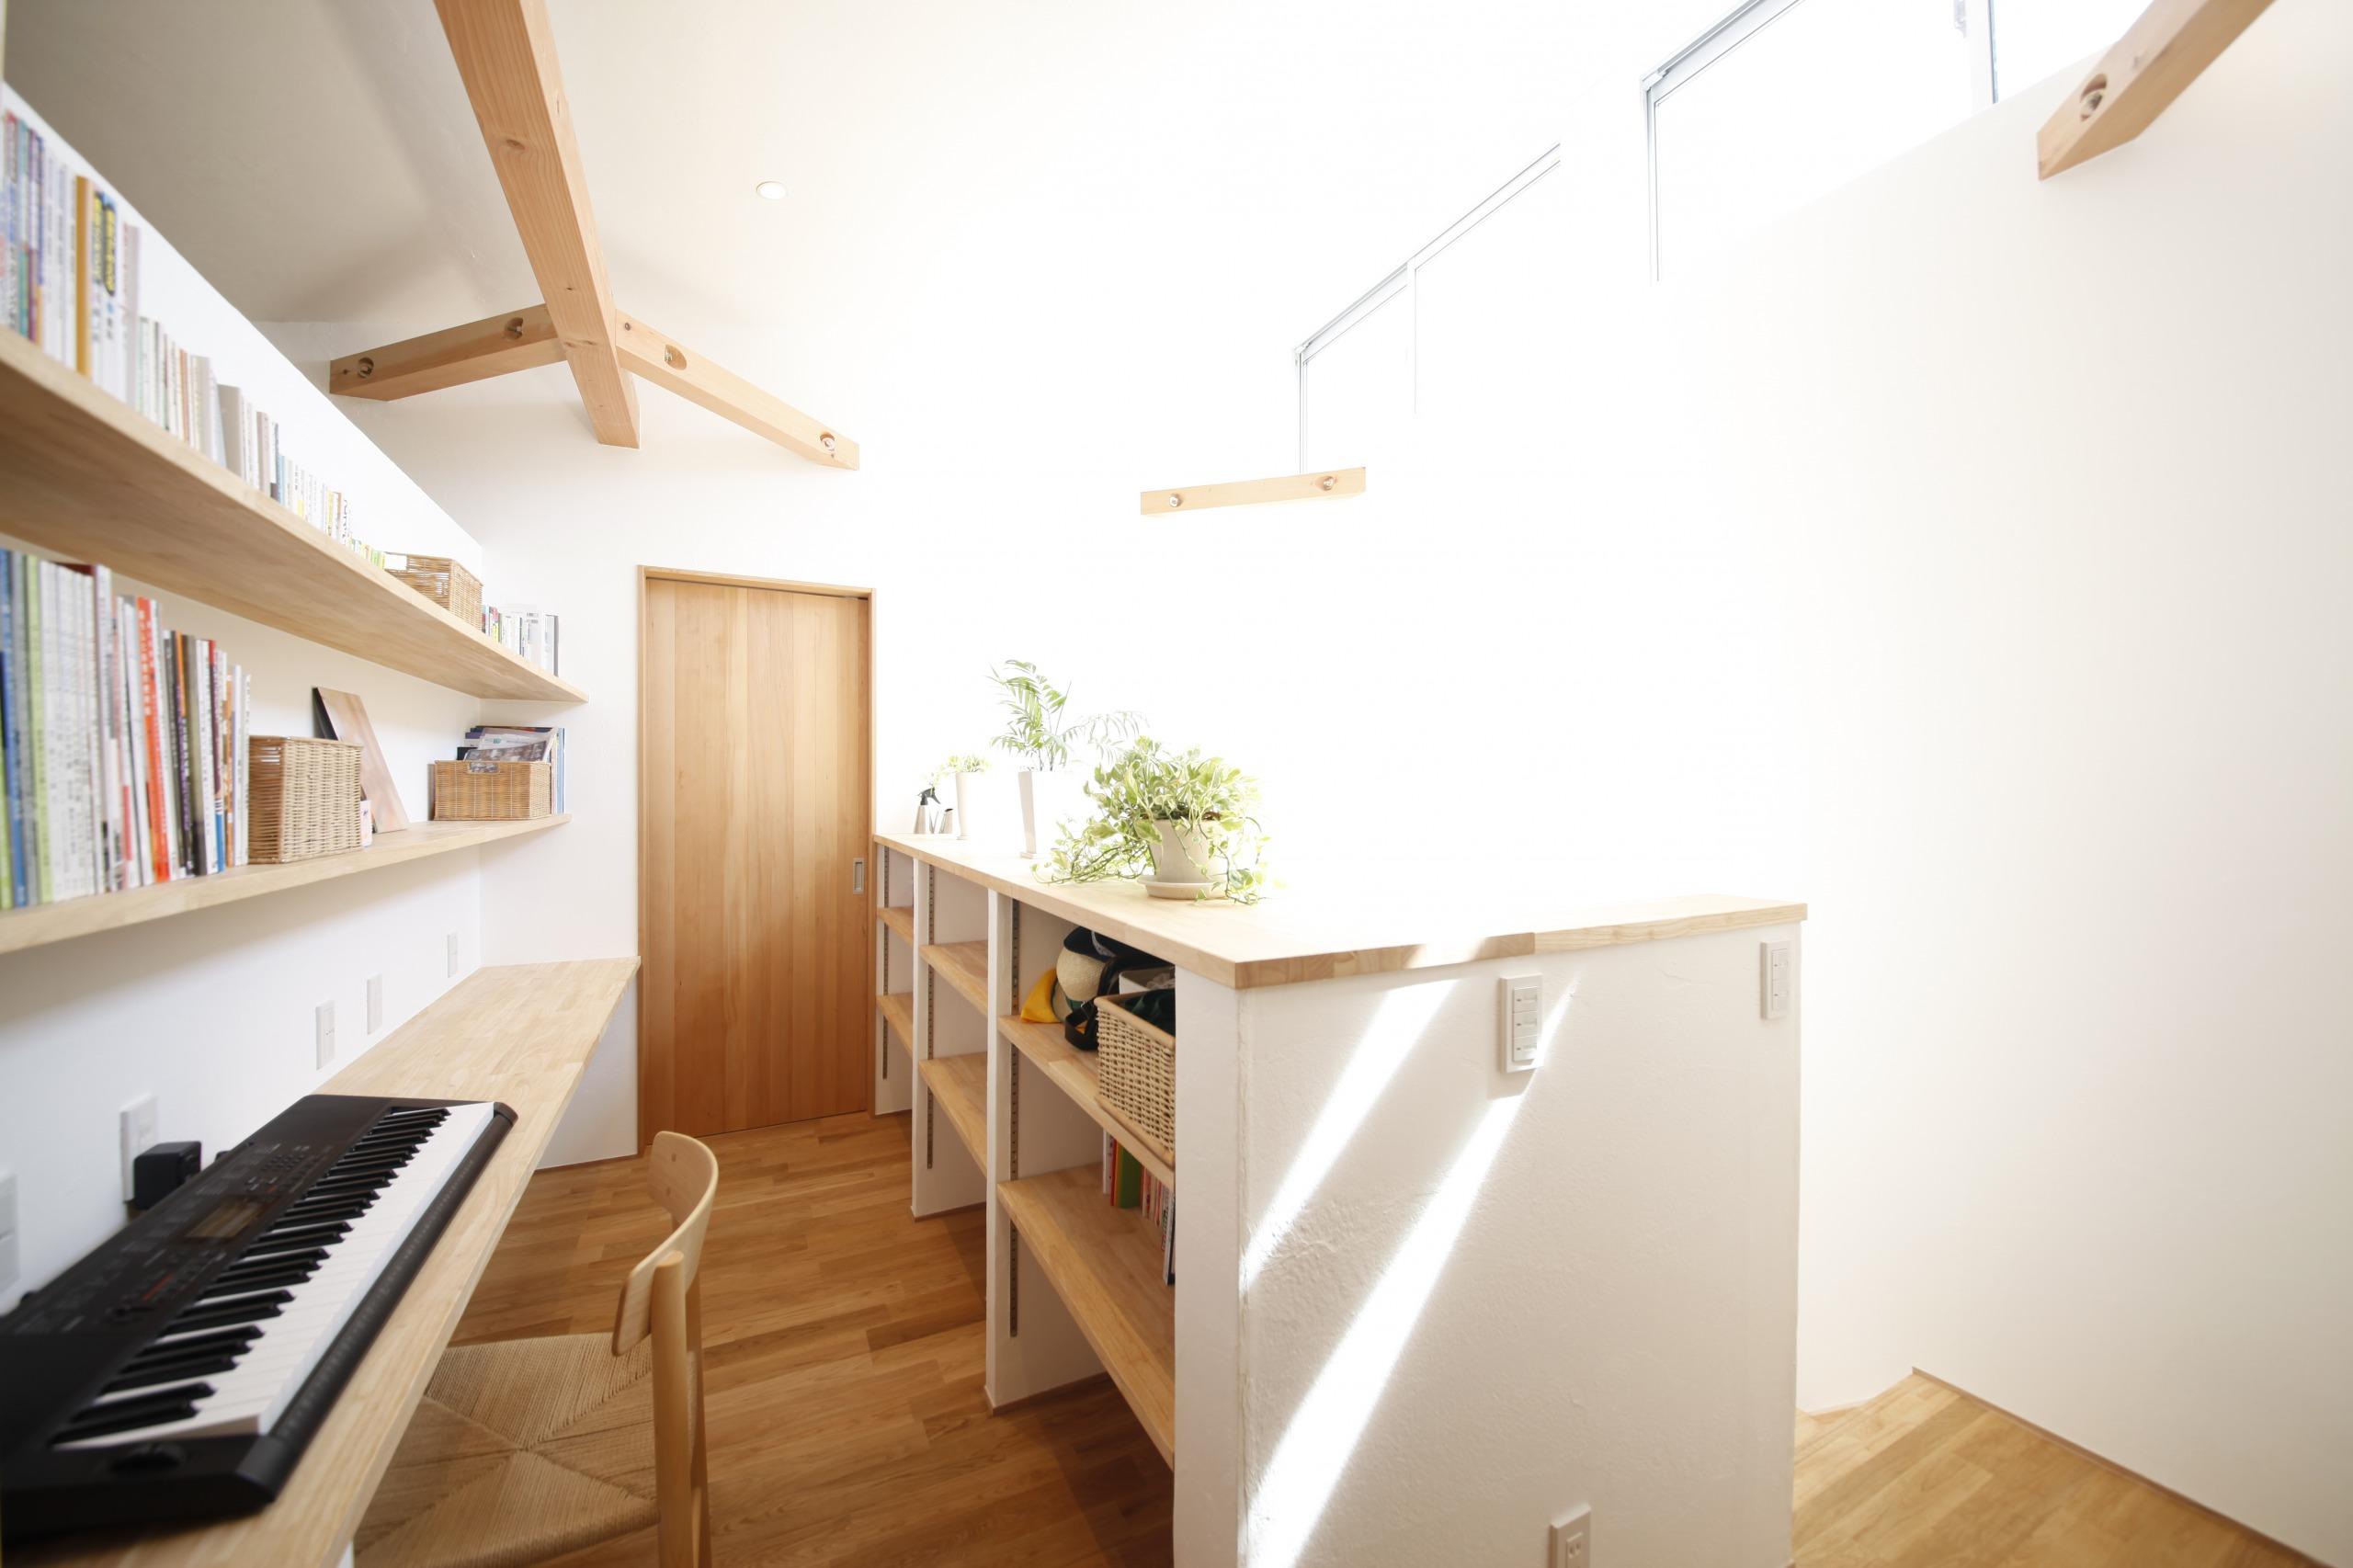 アトリエプラス【デザイン住宅、子育て、自然素材】子供にはのびのびと育ってほしい。そんな願いからできた、仕切りのないお子様の遊び場・勉強スペース